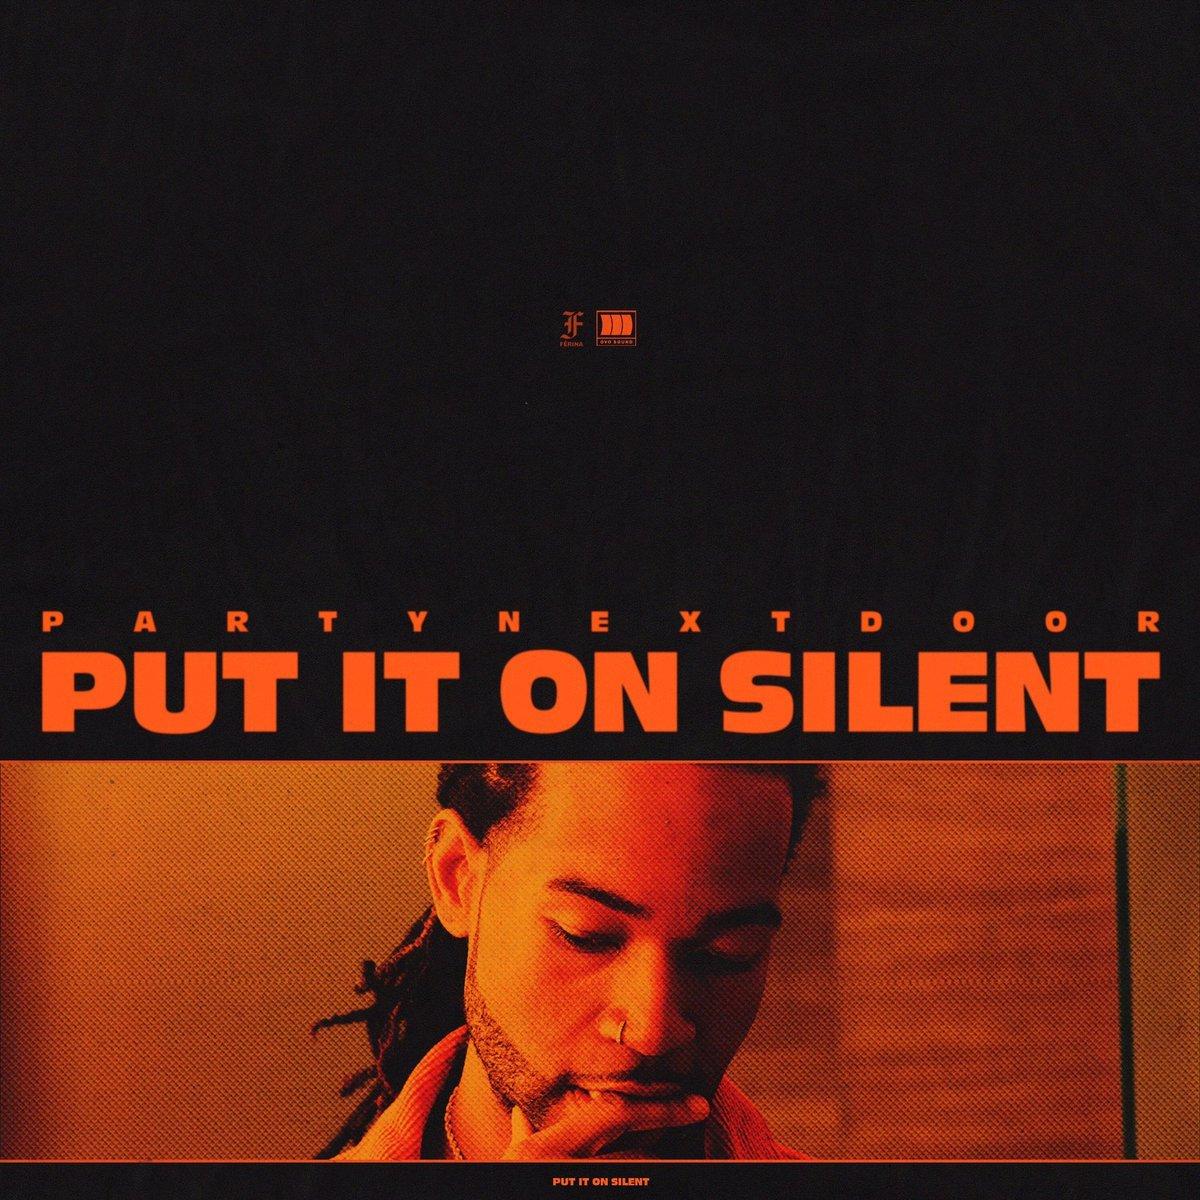 PARTYNEXTDOOR – Put It On Silent Lyrics